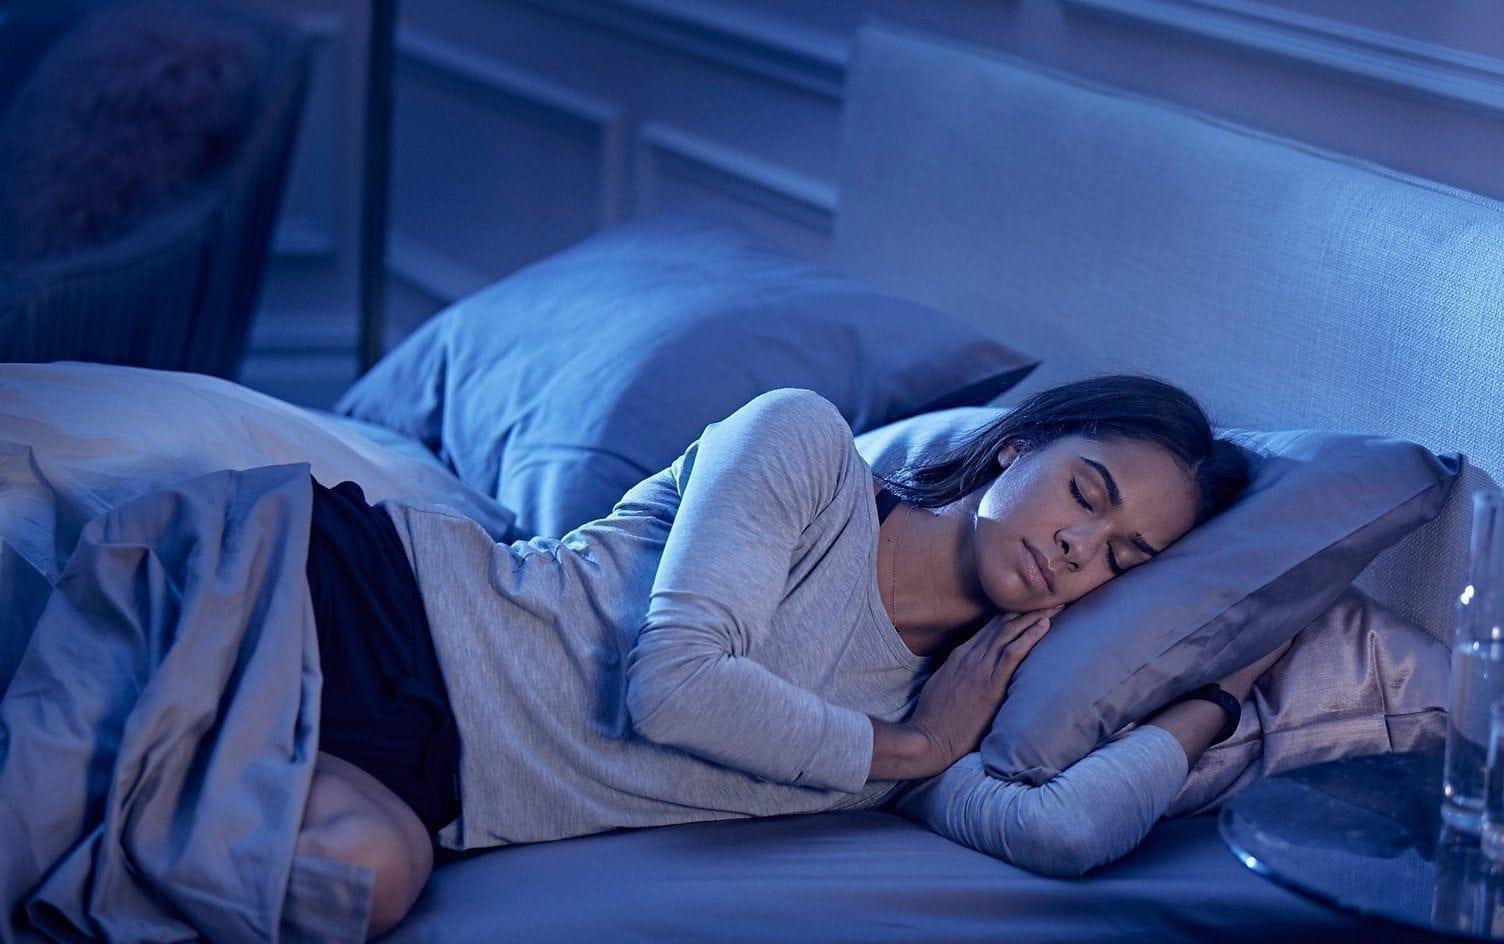 اگر نخوابید چه اتفاقی در بدنتان رخ میدهد؟